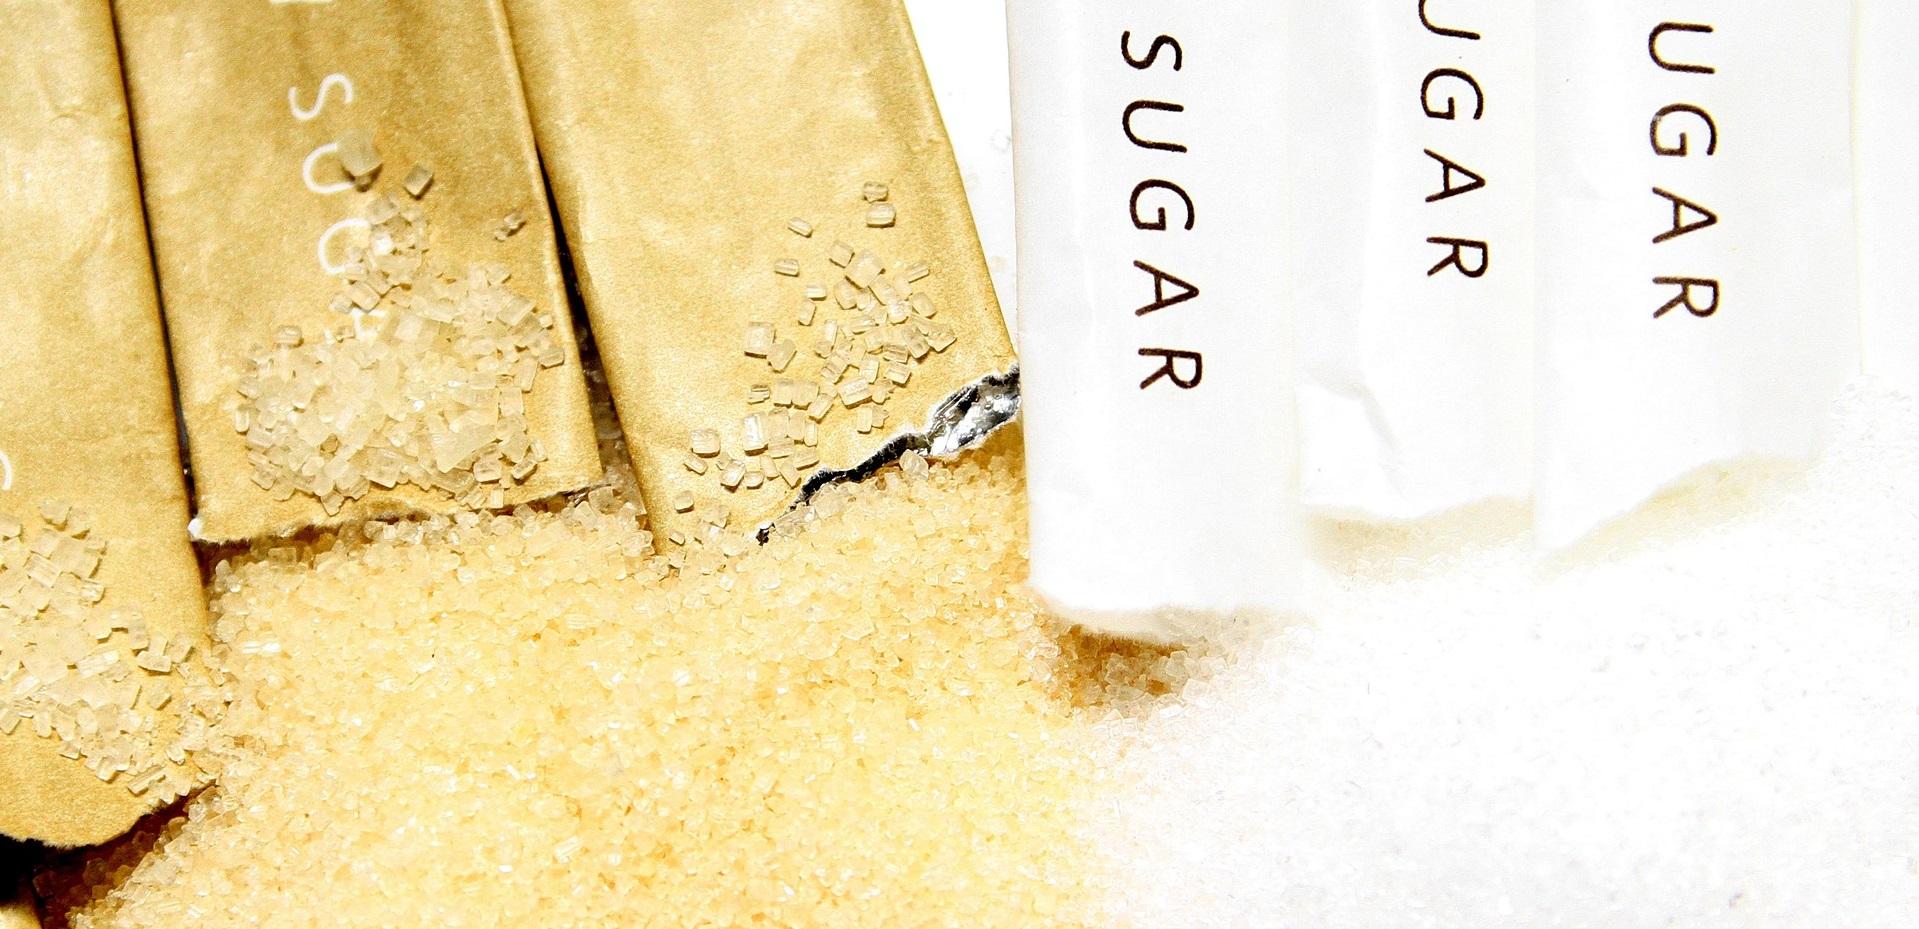 Nova spoznanja o vplivu sladkorjev na rakaste celice